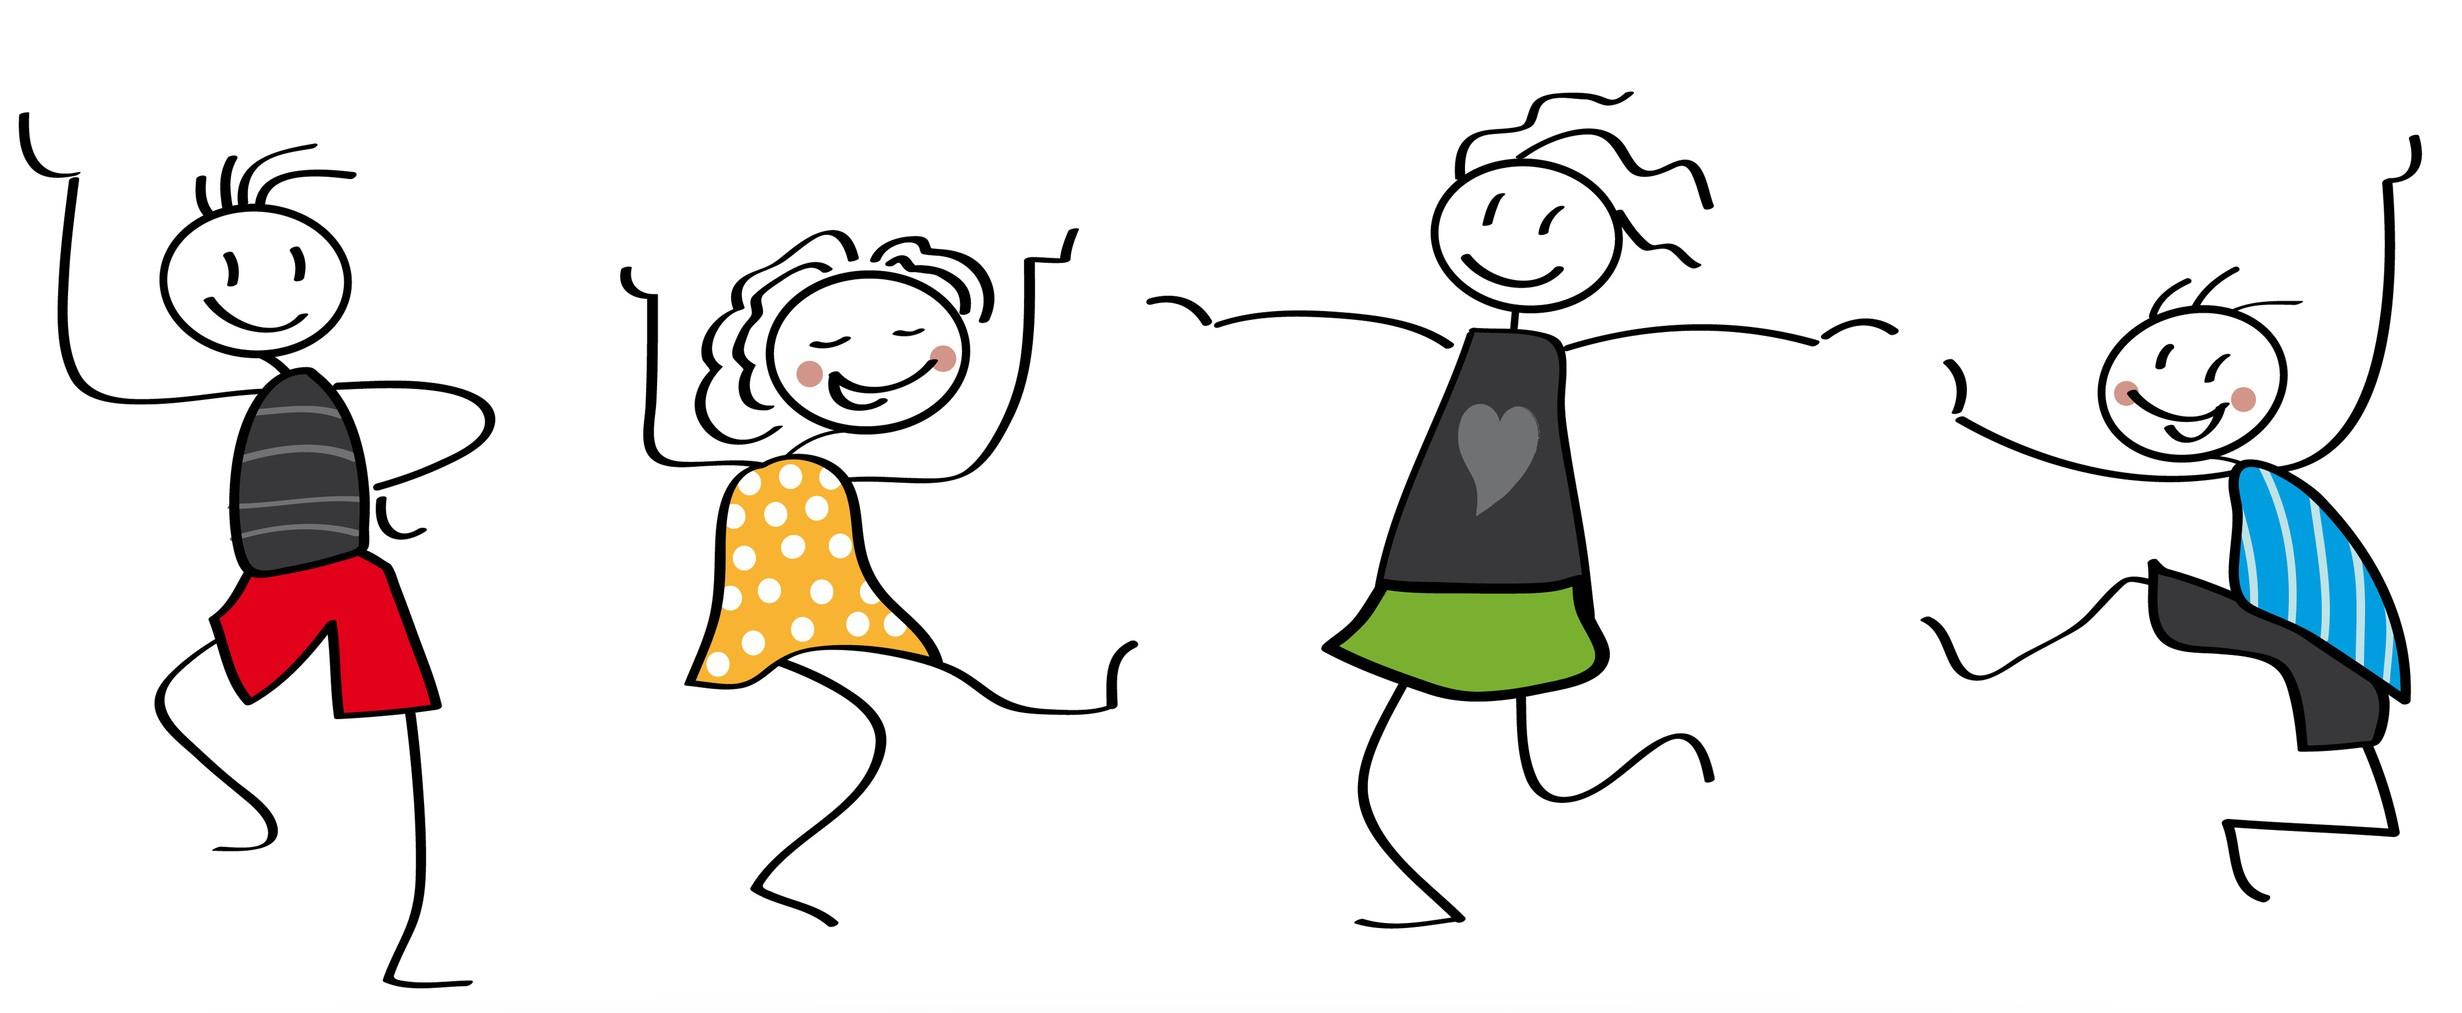 Freude, Strichmännchen, Freunde, Tanzen, Kinder | Duda.news